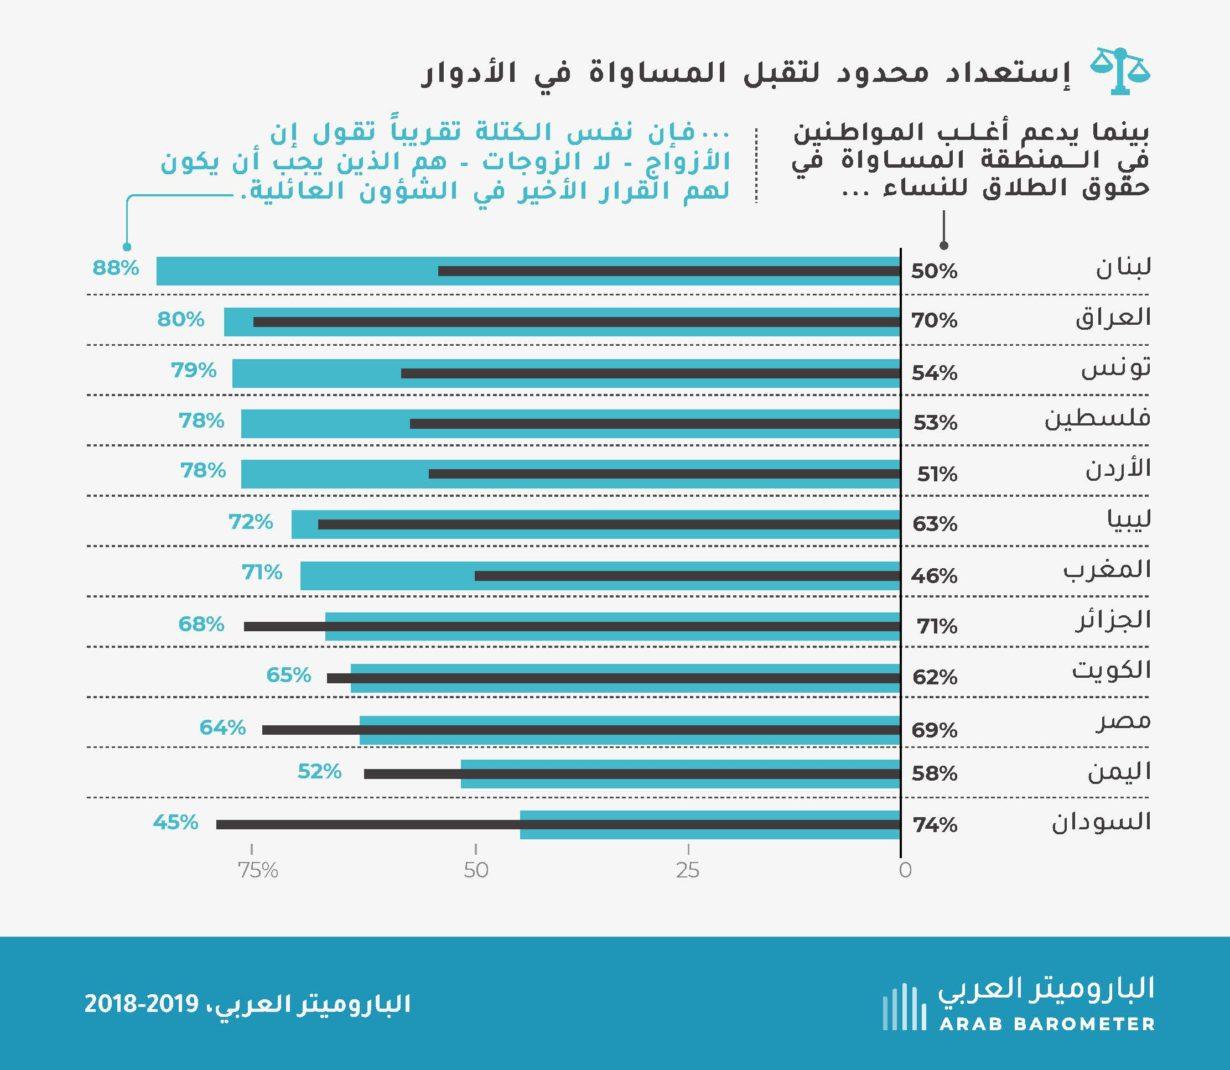 آراء المواطنين العرب حول حقوق المرأة وأدوارها في المجتمع